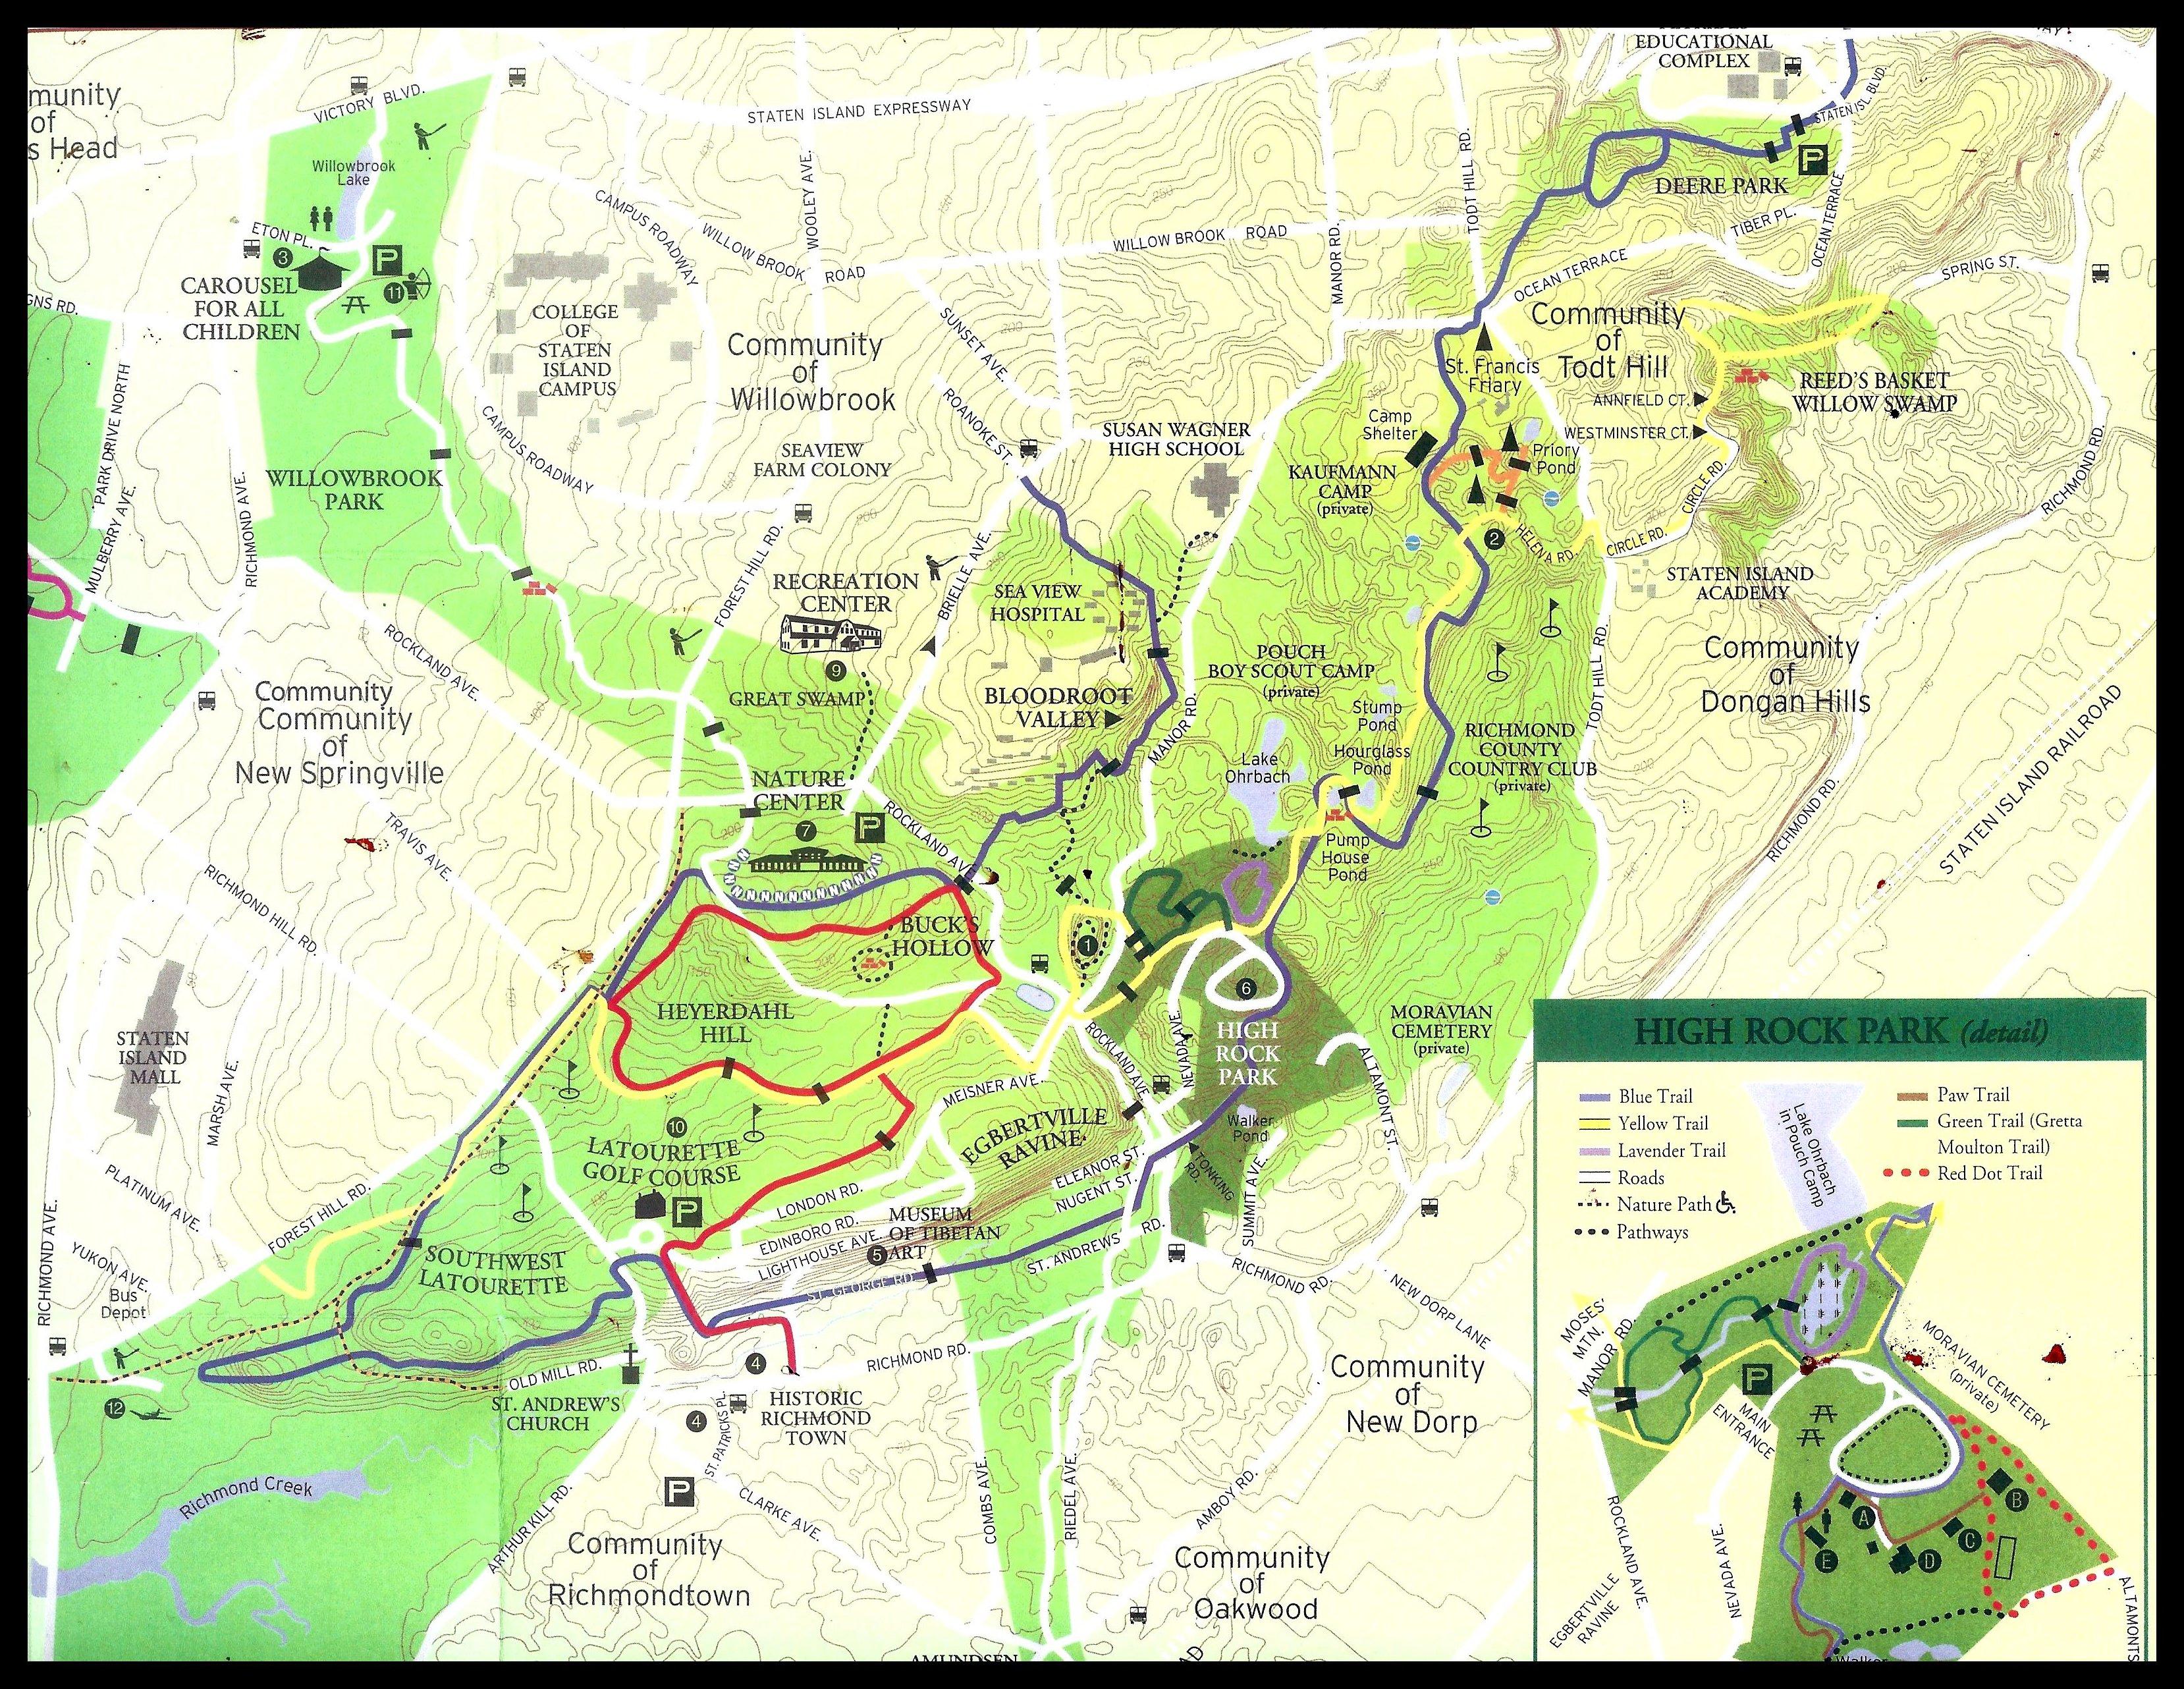 Map Of Greenbelt Trail Long Island